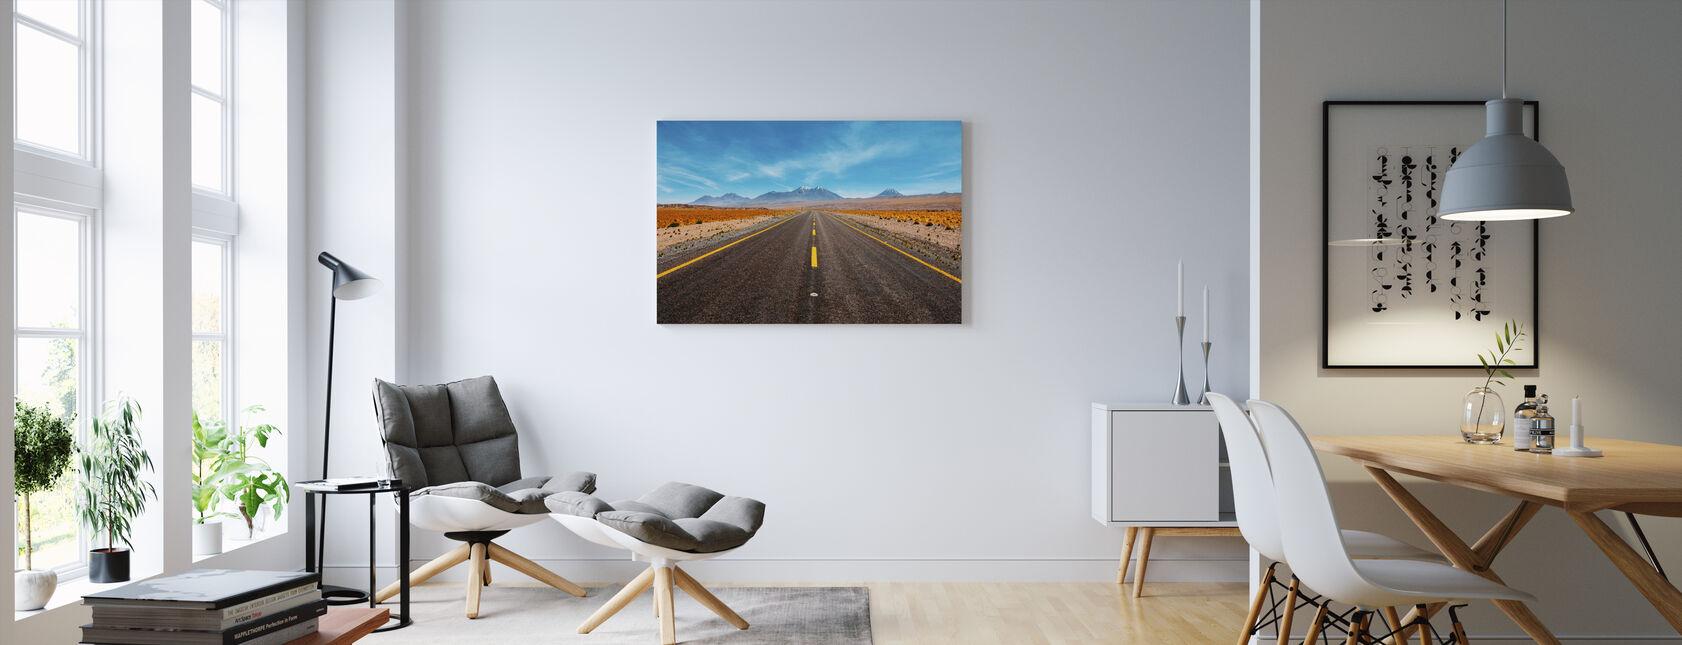 Aavikon valtatie - Canvastaulu - Olohuone